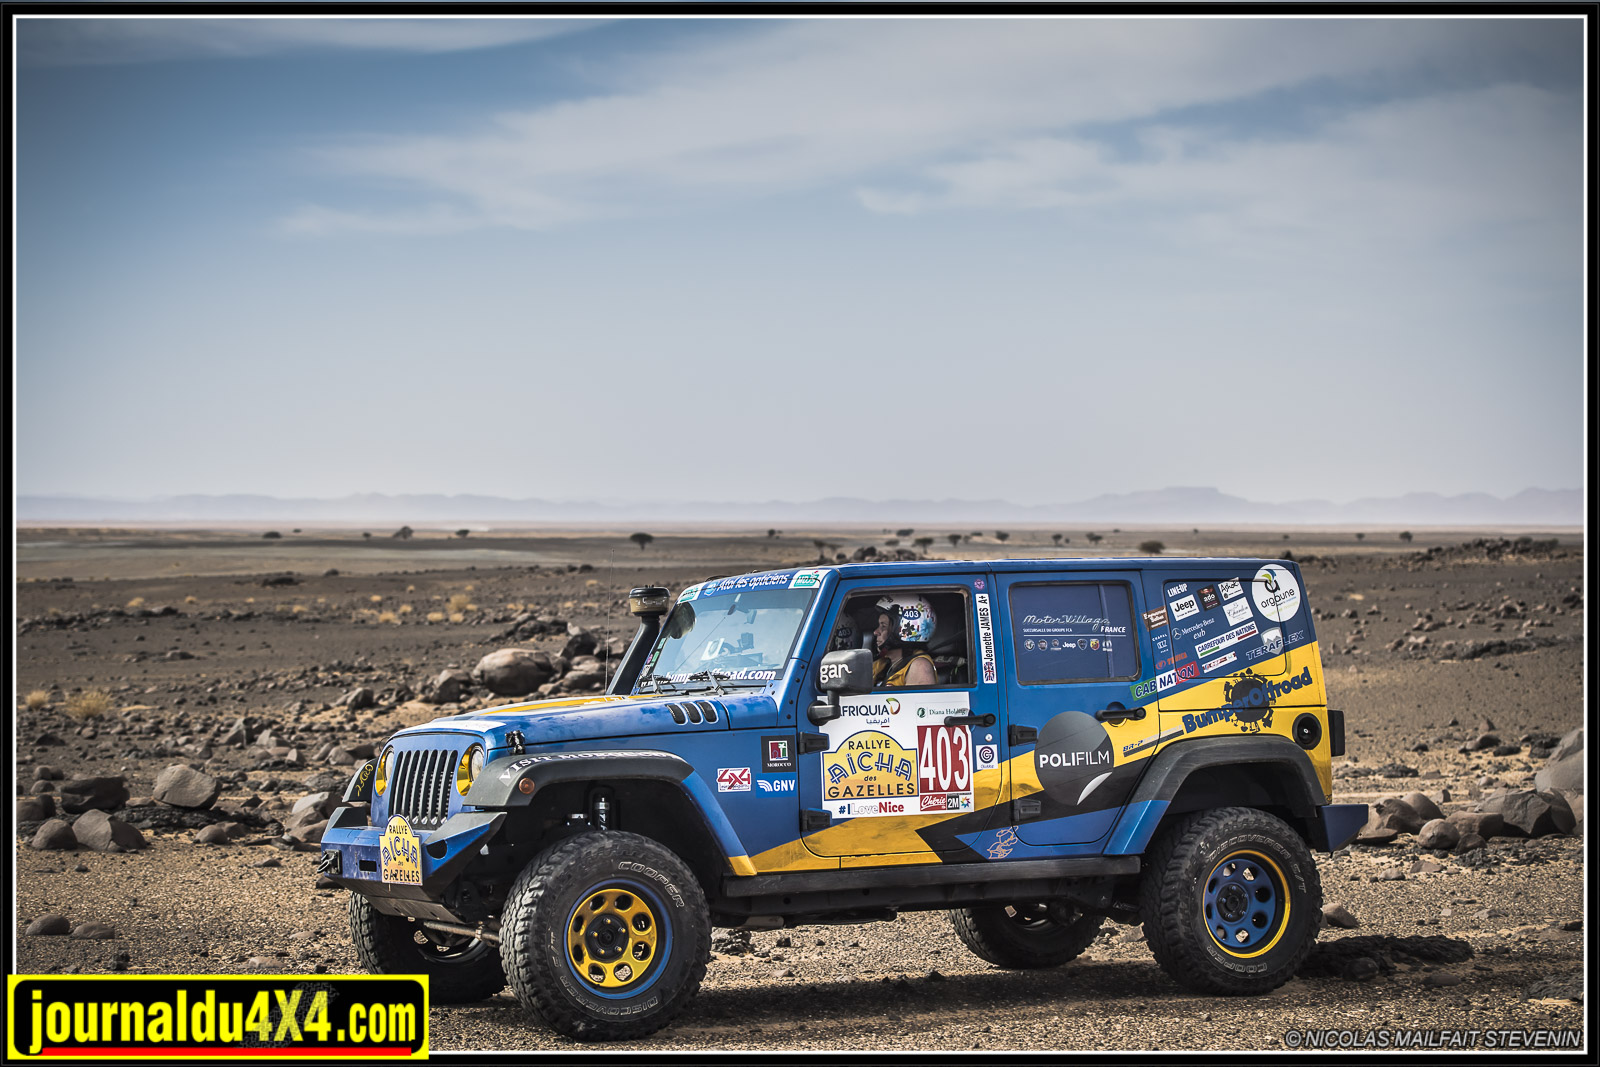 rallye-aicha-gazelles-maroc-2017-8479.jpg